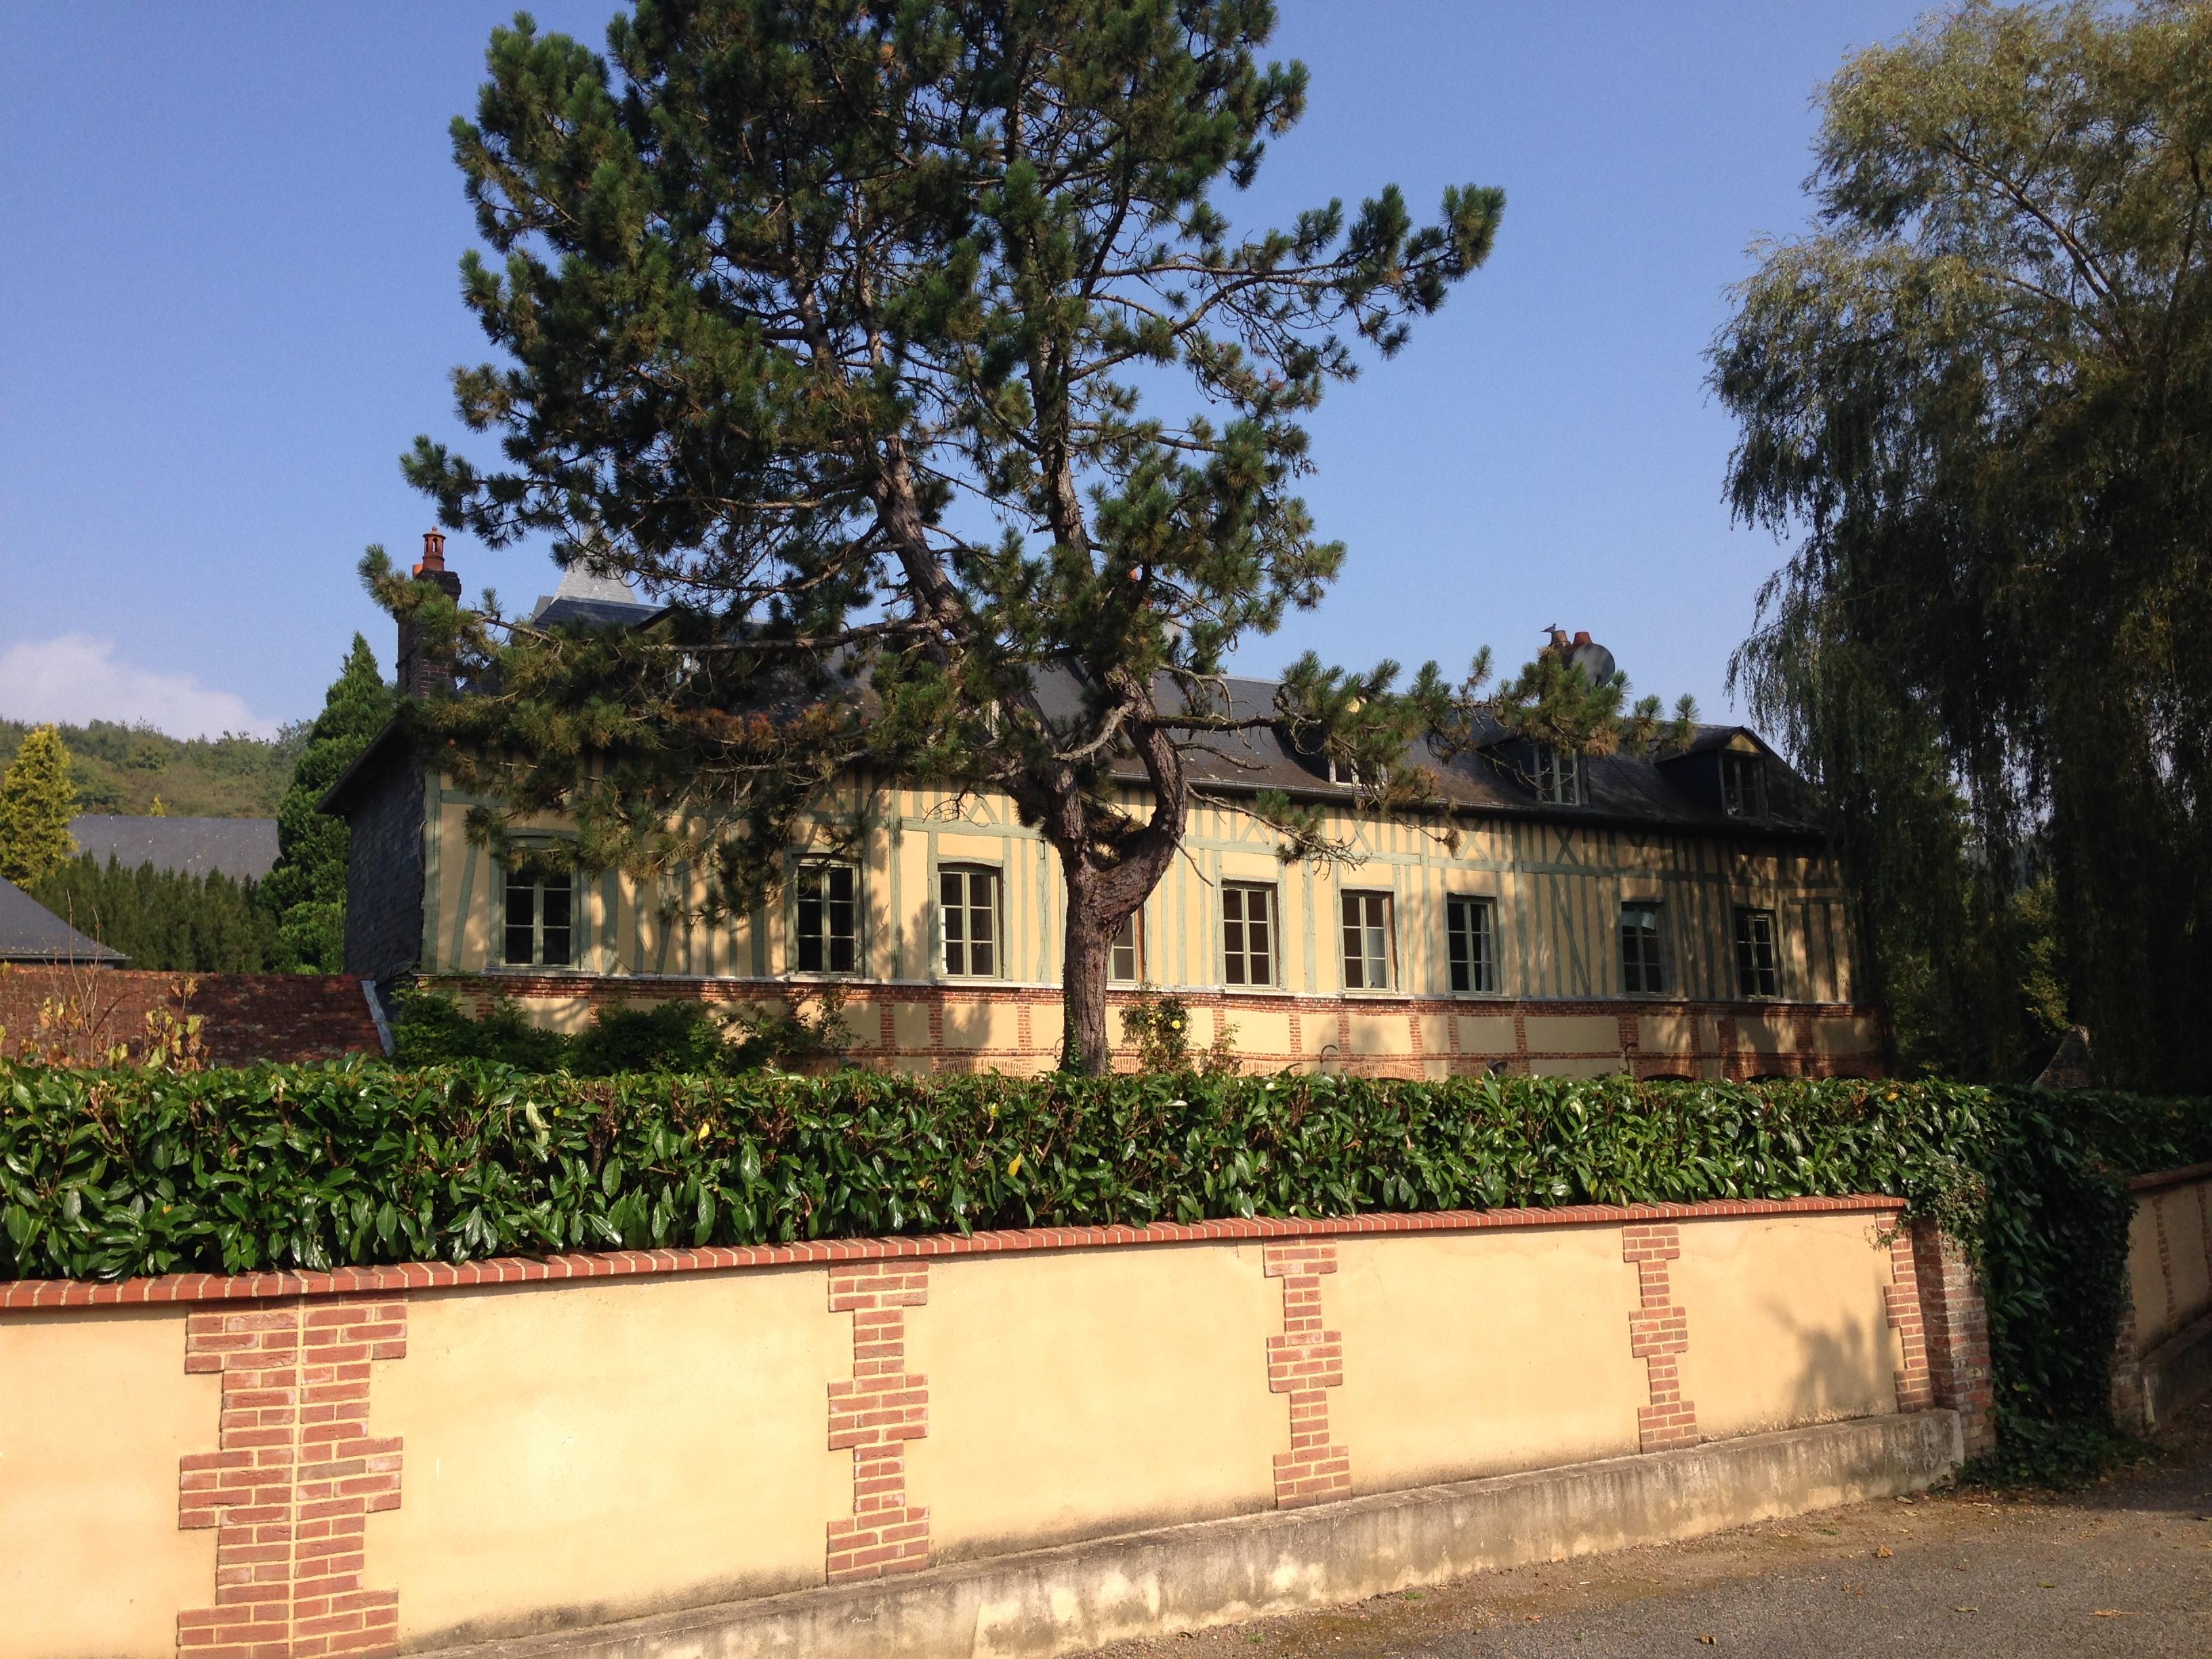 Lyons la for t photos du monde pictures of the world - Office du tourisme lyons la foret ...